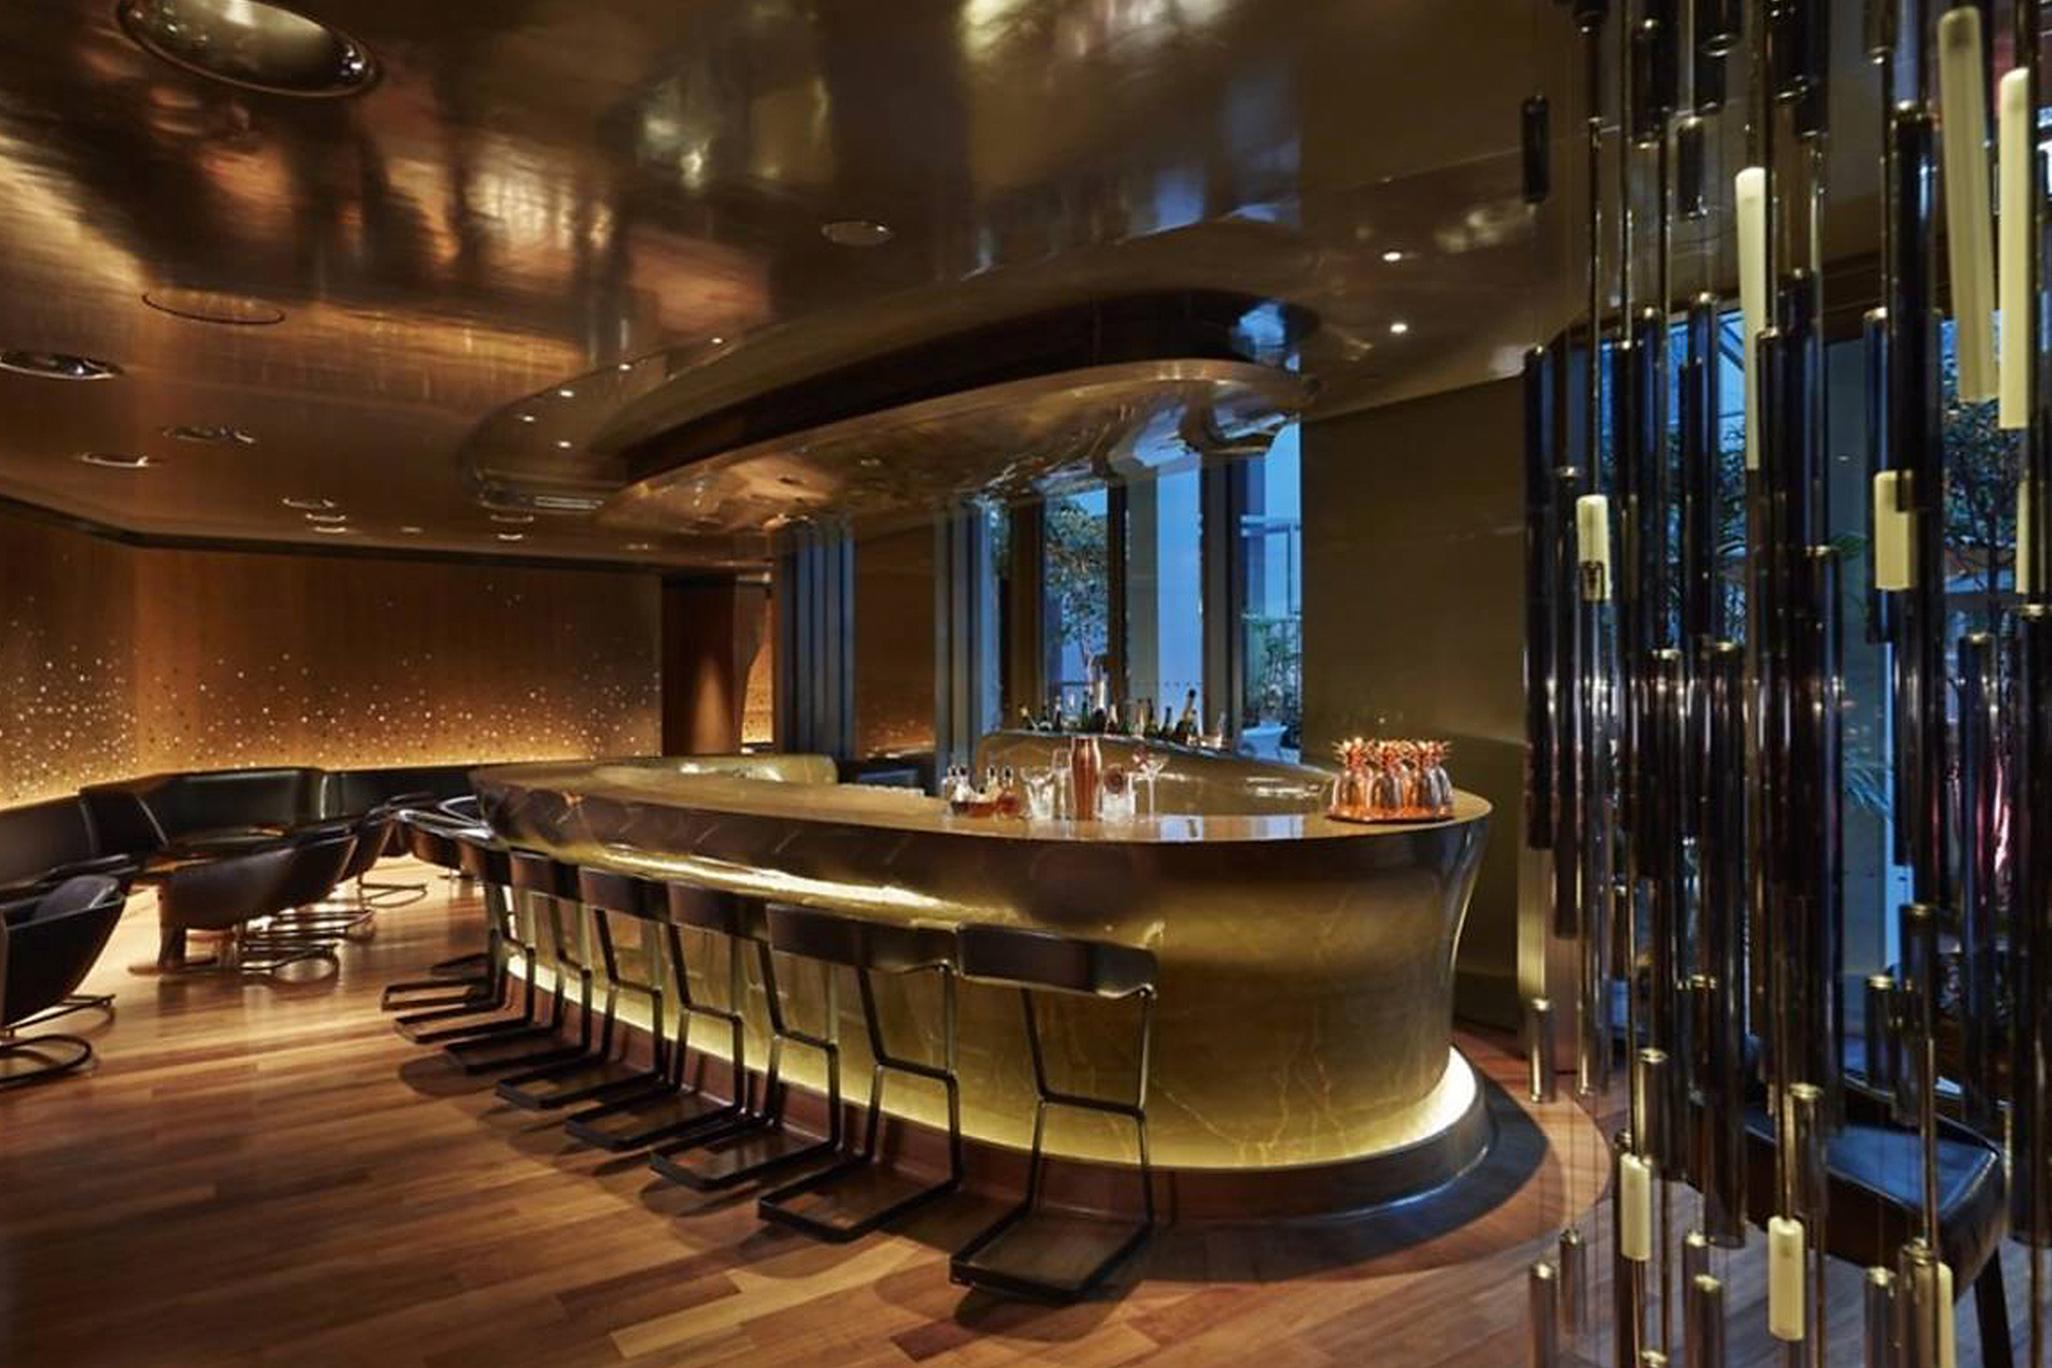 agence-en-place-mandarin-oriental-paris-cocktails-001